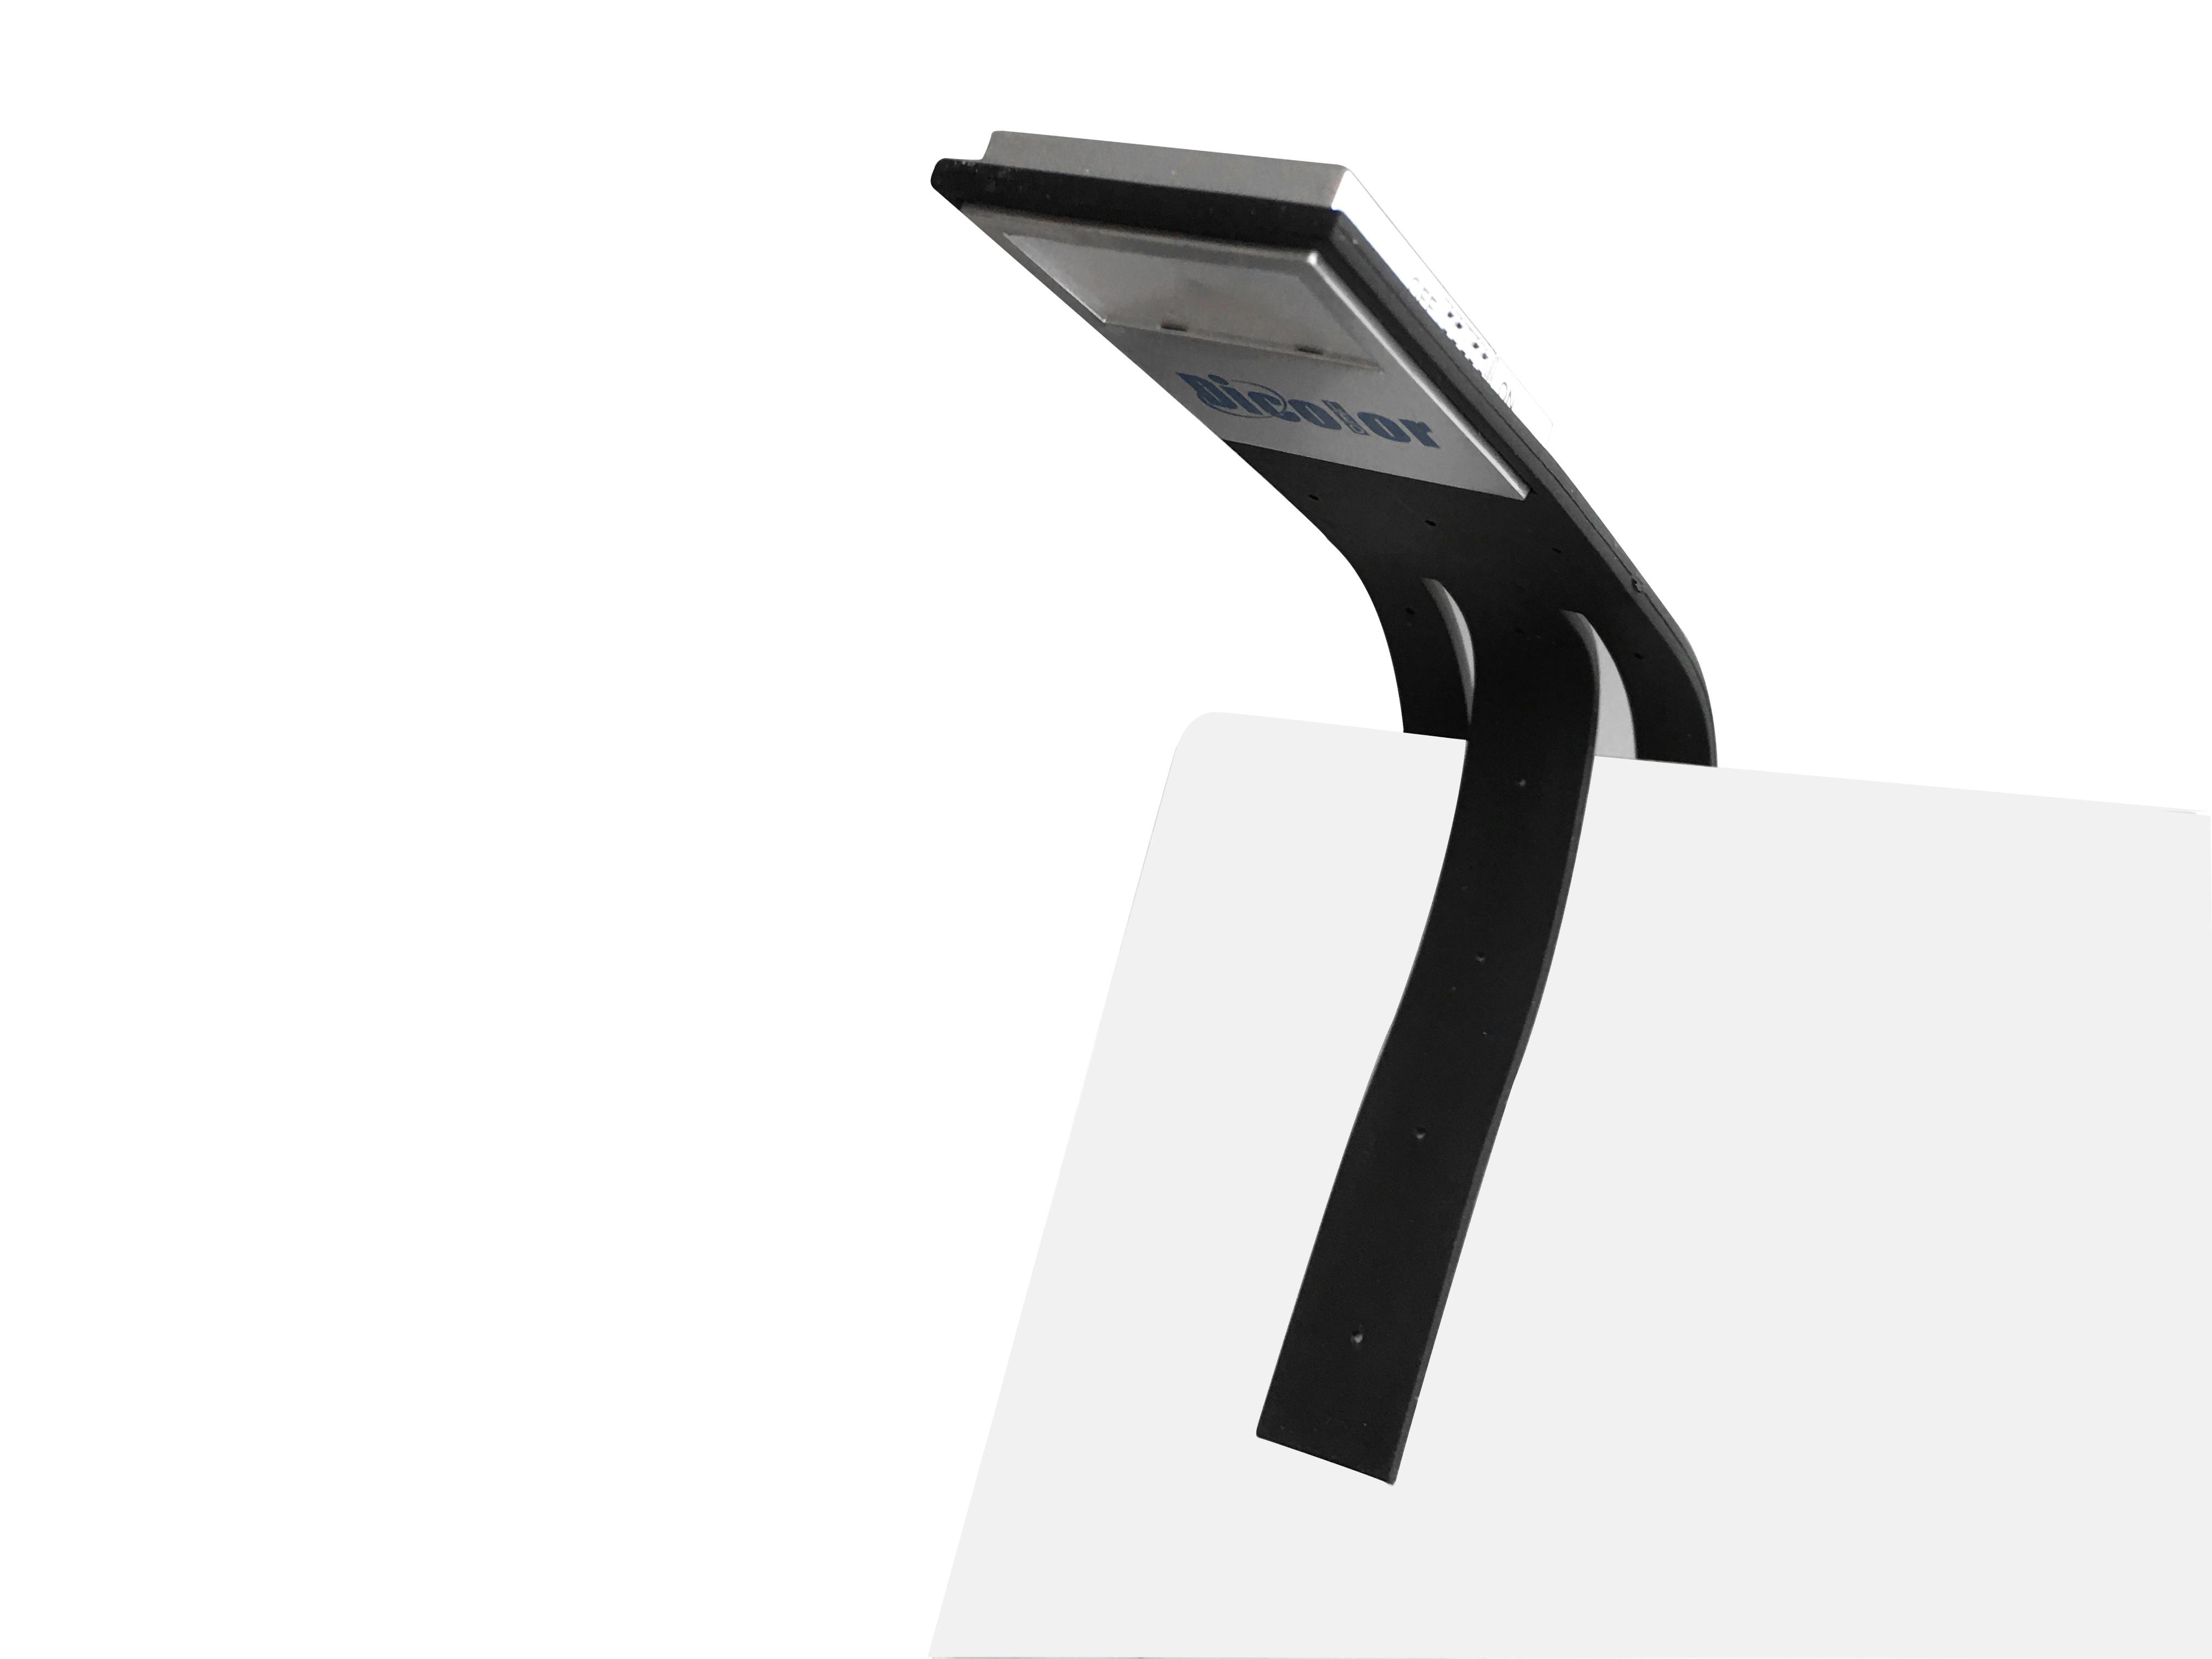 LED节能看书灯 折叠书灯 书夹灯 百变书签灯 阅读灯_3